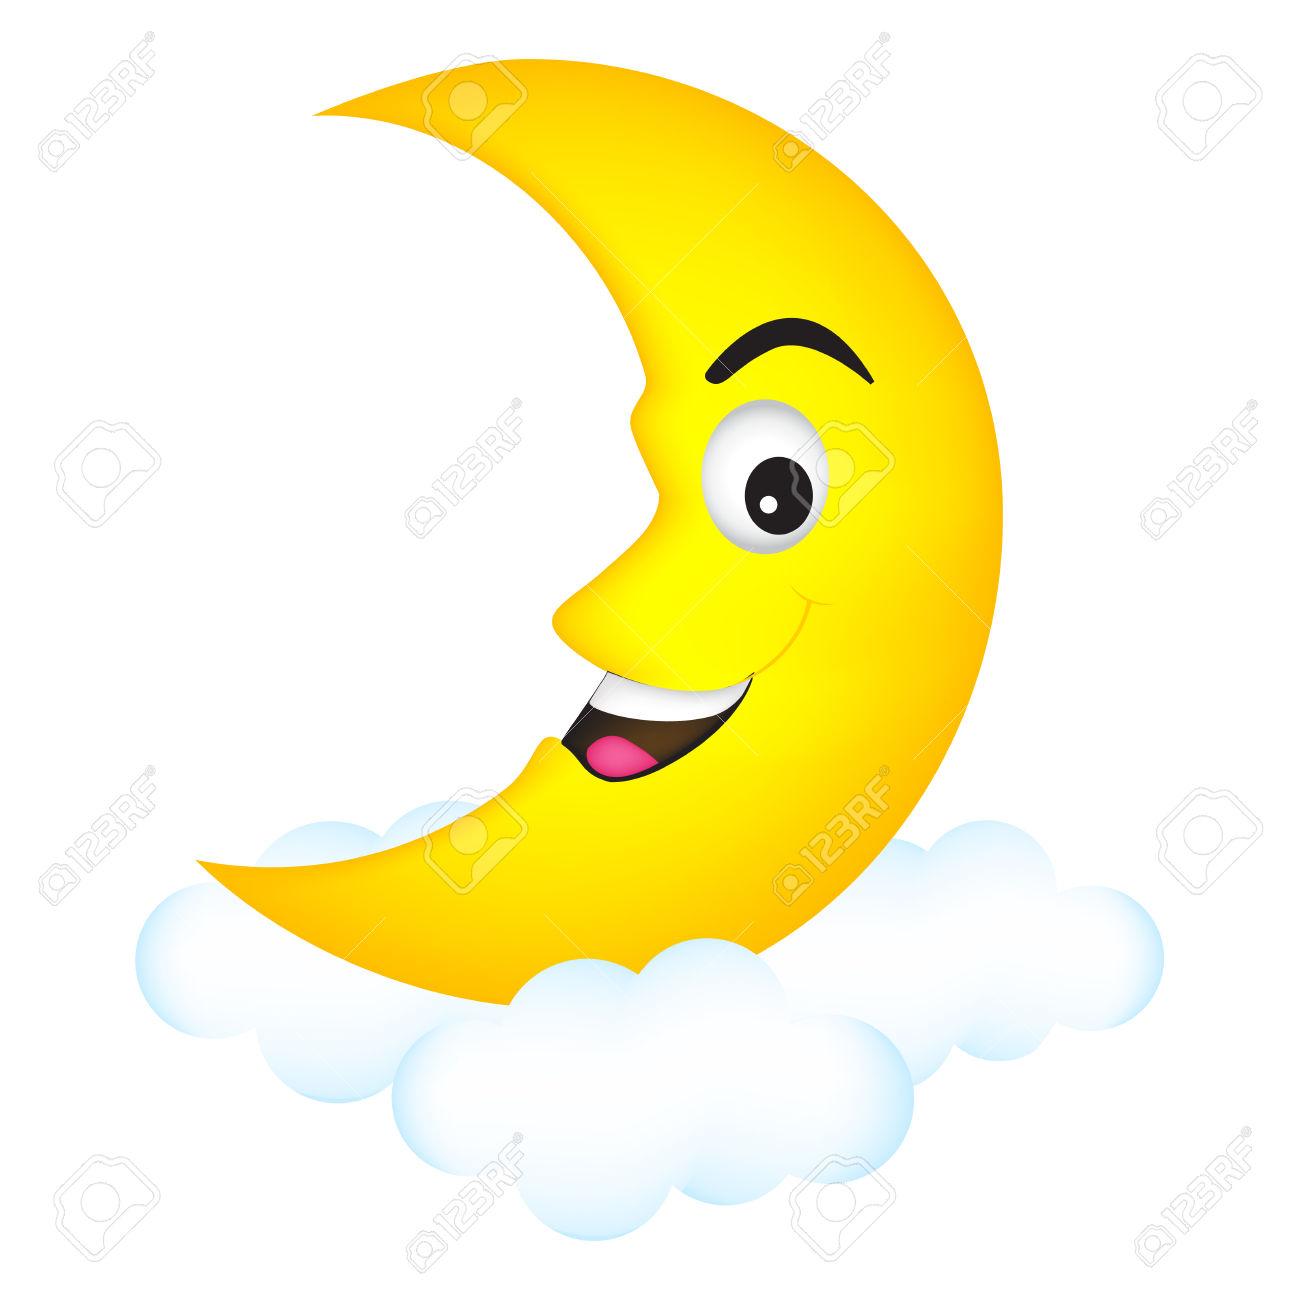 1299x1300 Lunar Clipart Crescent Moon